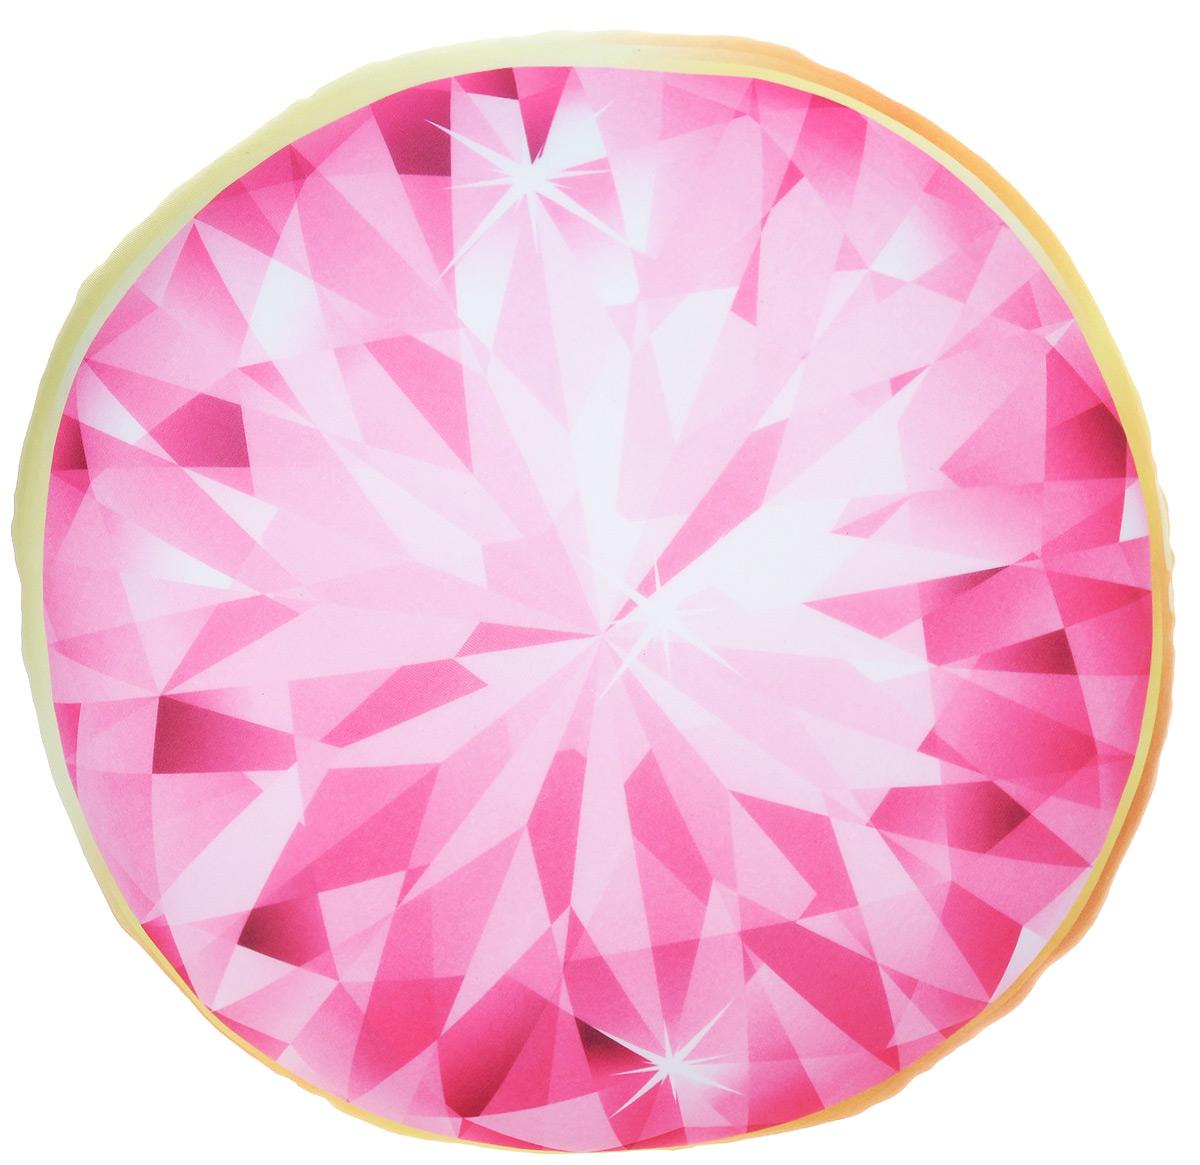 Подушка-антистресс Home Queen Диамант, круглая, цвет: розовый, желтый, 30 х 30 смBH-UN0502( R)Круглая подушка-антистресс Home Queen Диамант - это не только лучший способ снять напряжение, но и оригинальный аксессуар для интерьера. Изделие пластичное и приятное на ощупь. Чехол из трикотажной ткани (15% полиуретан, 85% нейлон) оформлен ярким изображением алмаза. Внутри - антистрессовый полистироловый наполнитель. Подушка-антистресс - идеальный рецепт хорошего настроения и здорового сна! Она подарит тактильную радость и станет аккумулятором хорошего настроения.